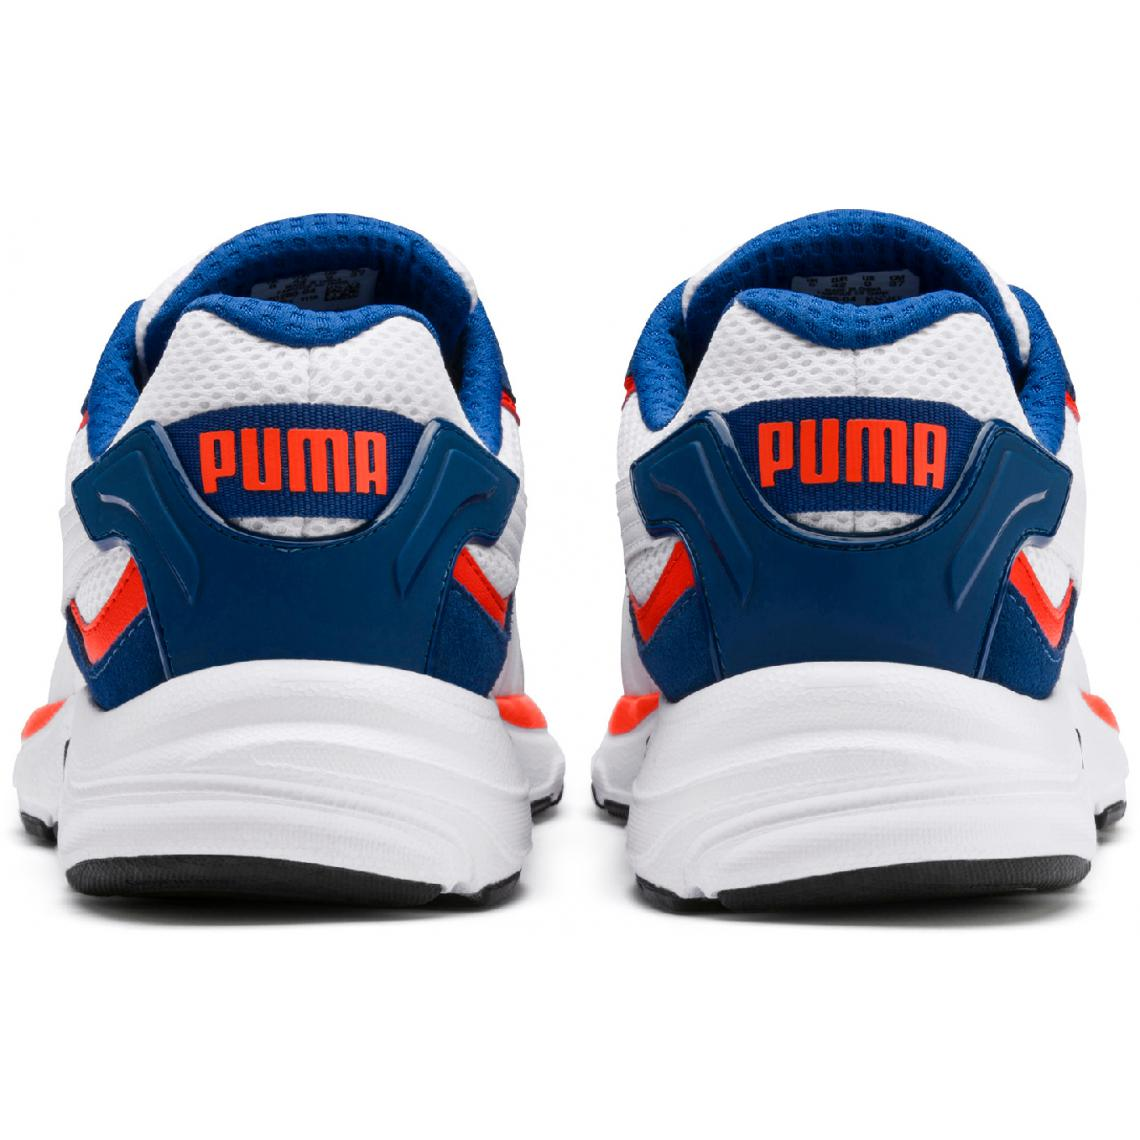 PUMA Axis Plus 90 SD par Puma